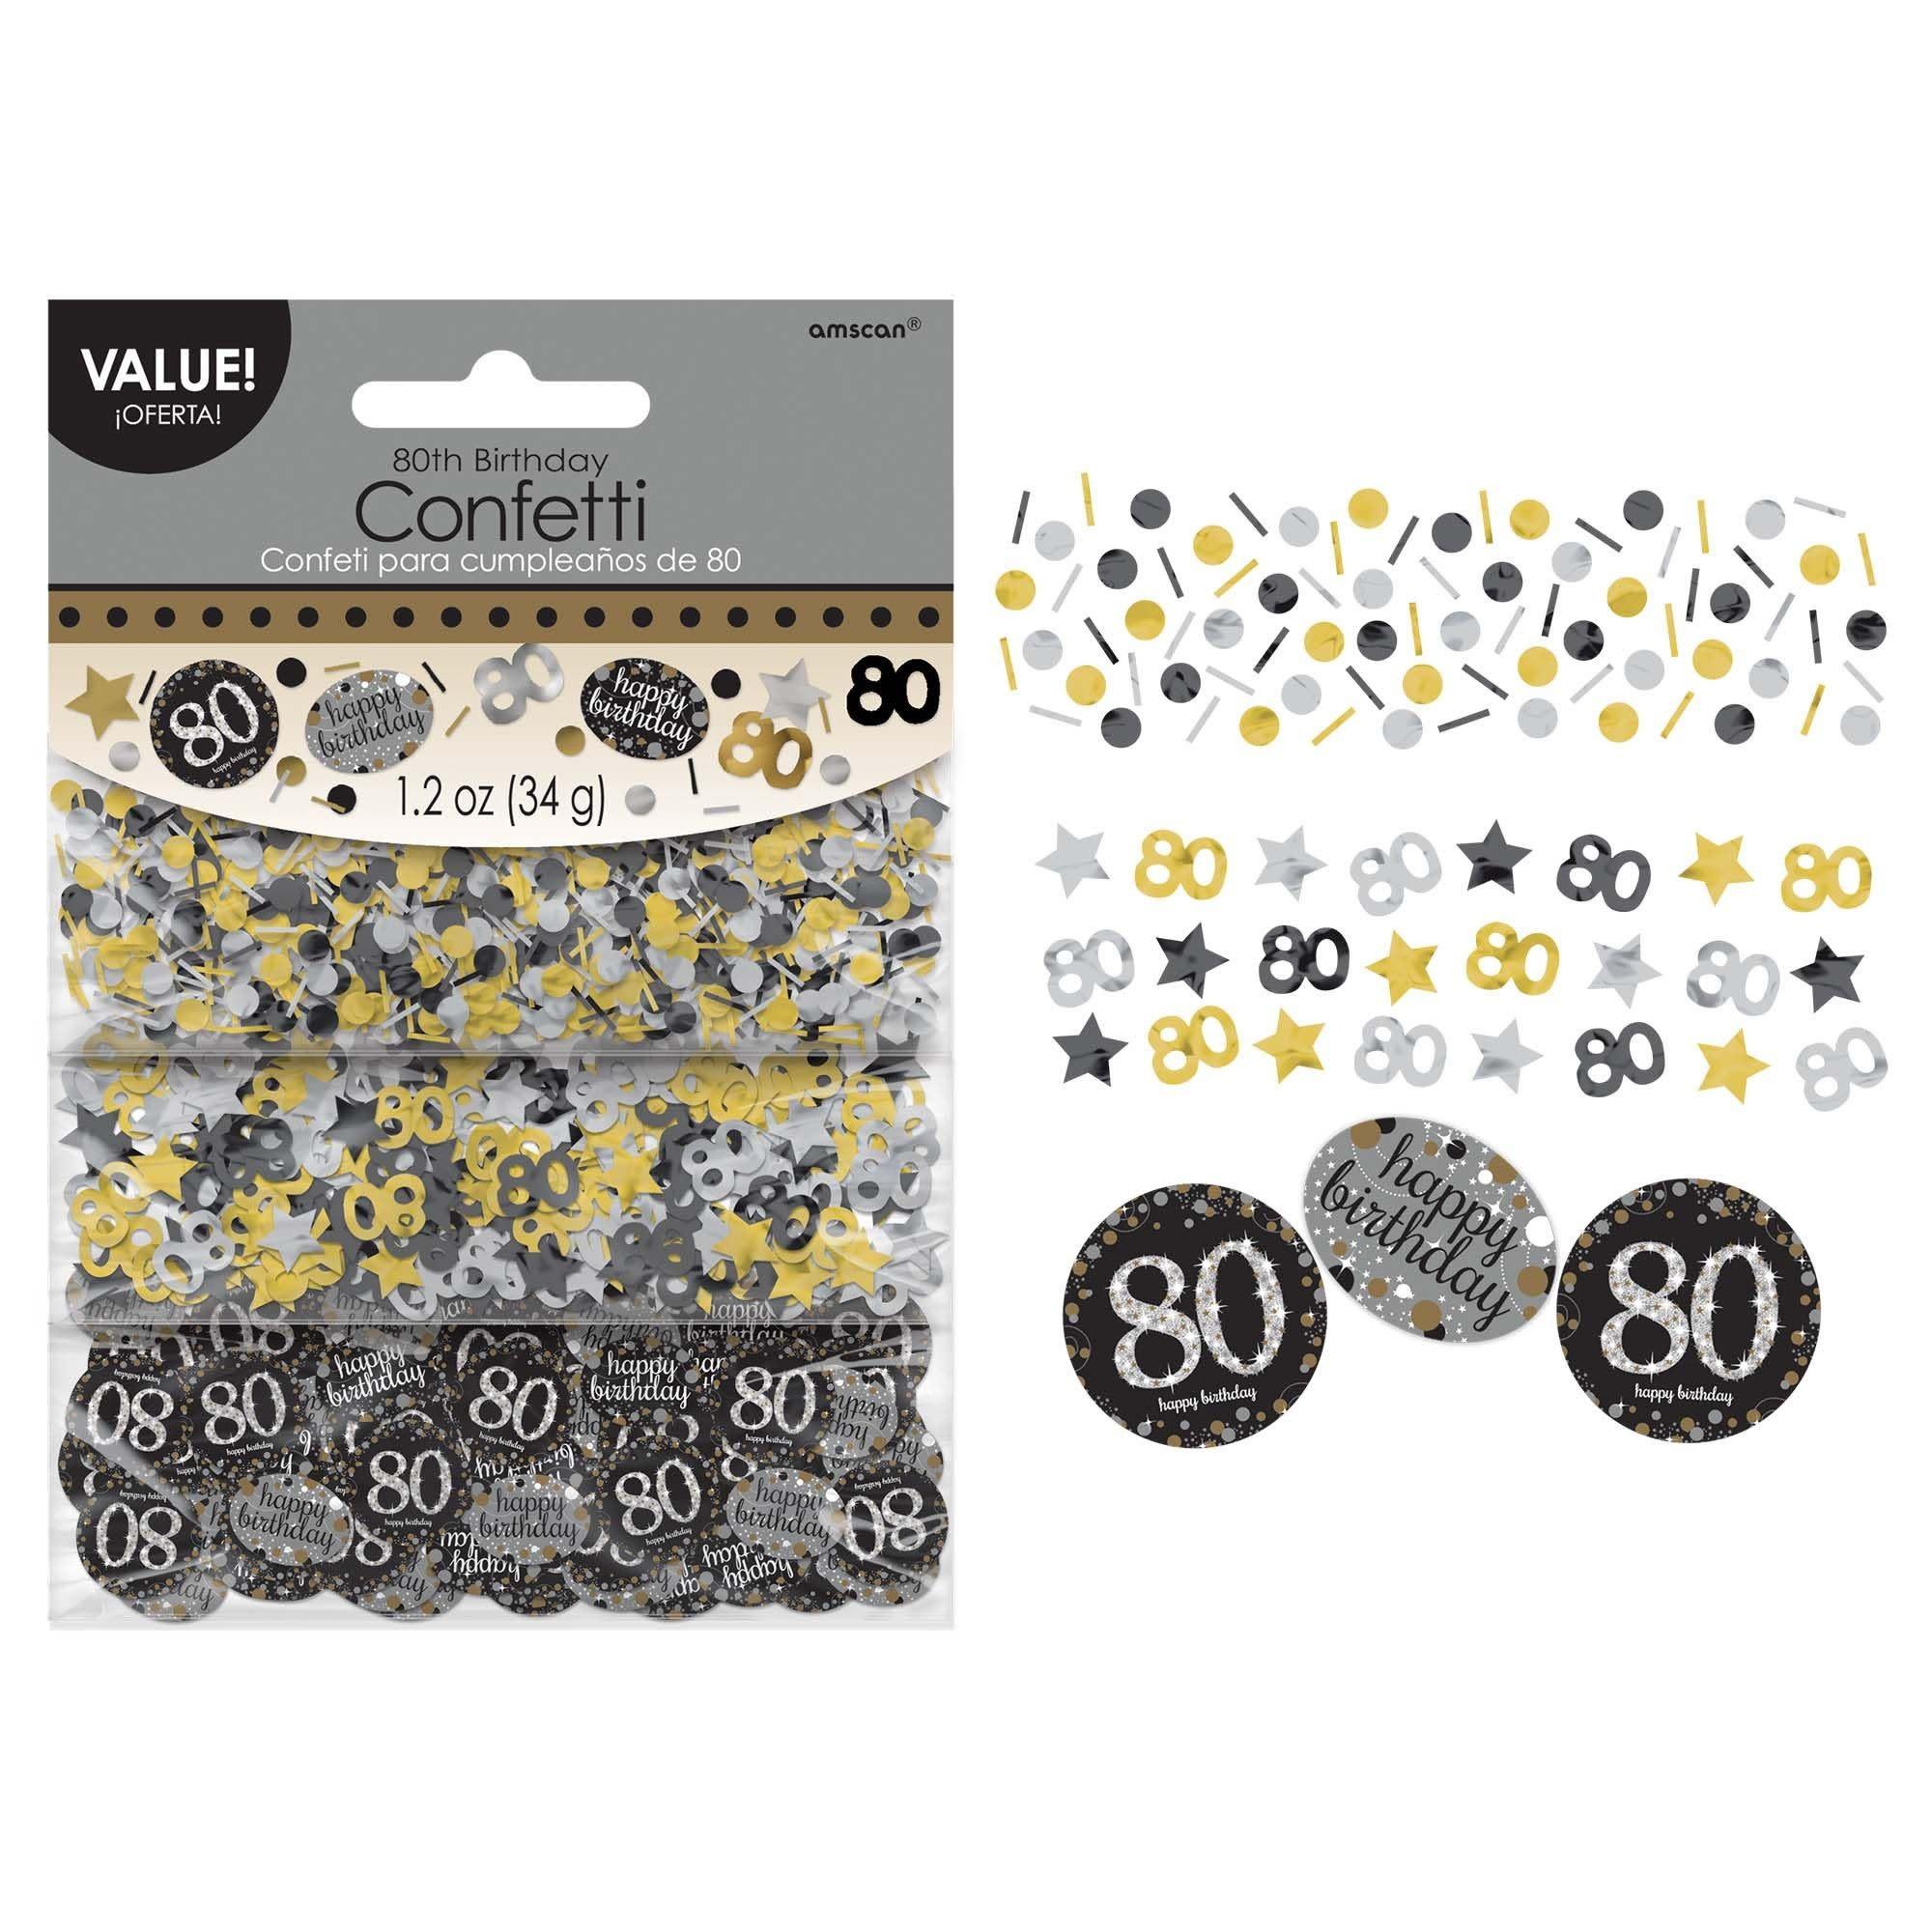 Sparkling Celebration 80 Confetti